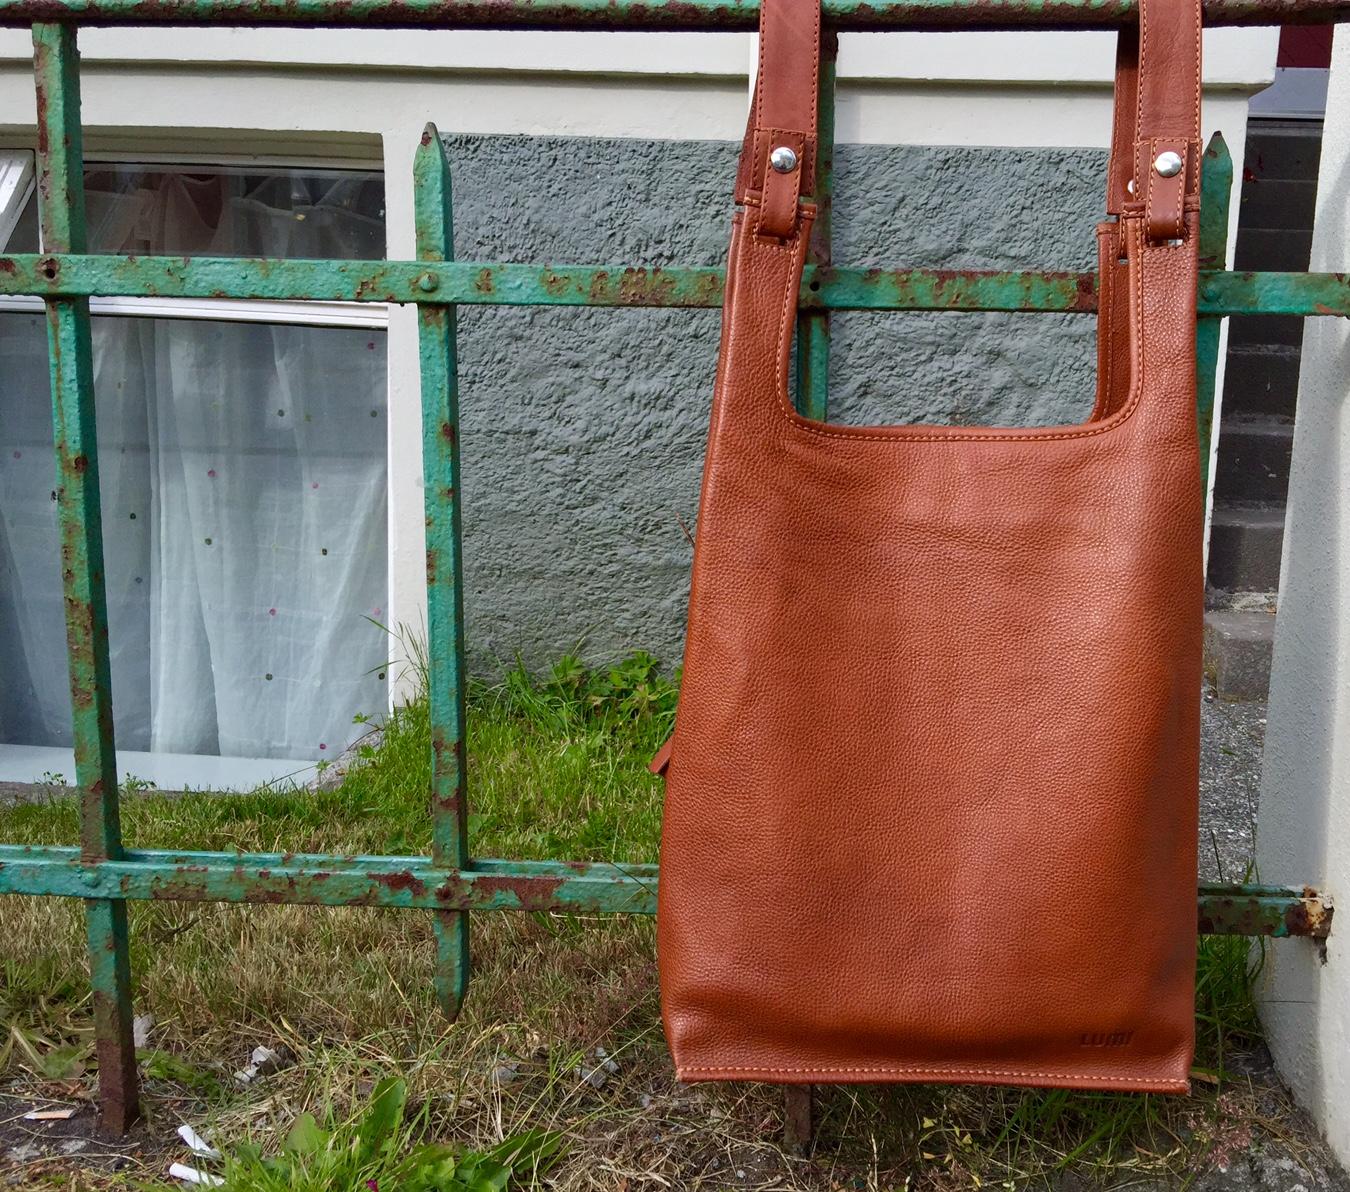 Myydään Lumi Laukku : Raskausajan vaatteet laukku salamatkustaja